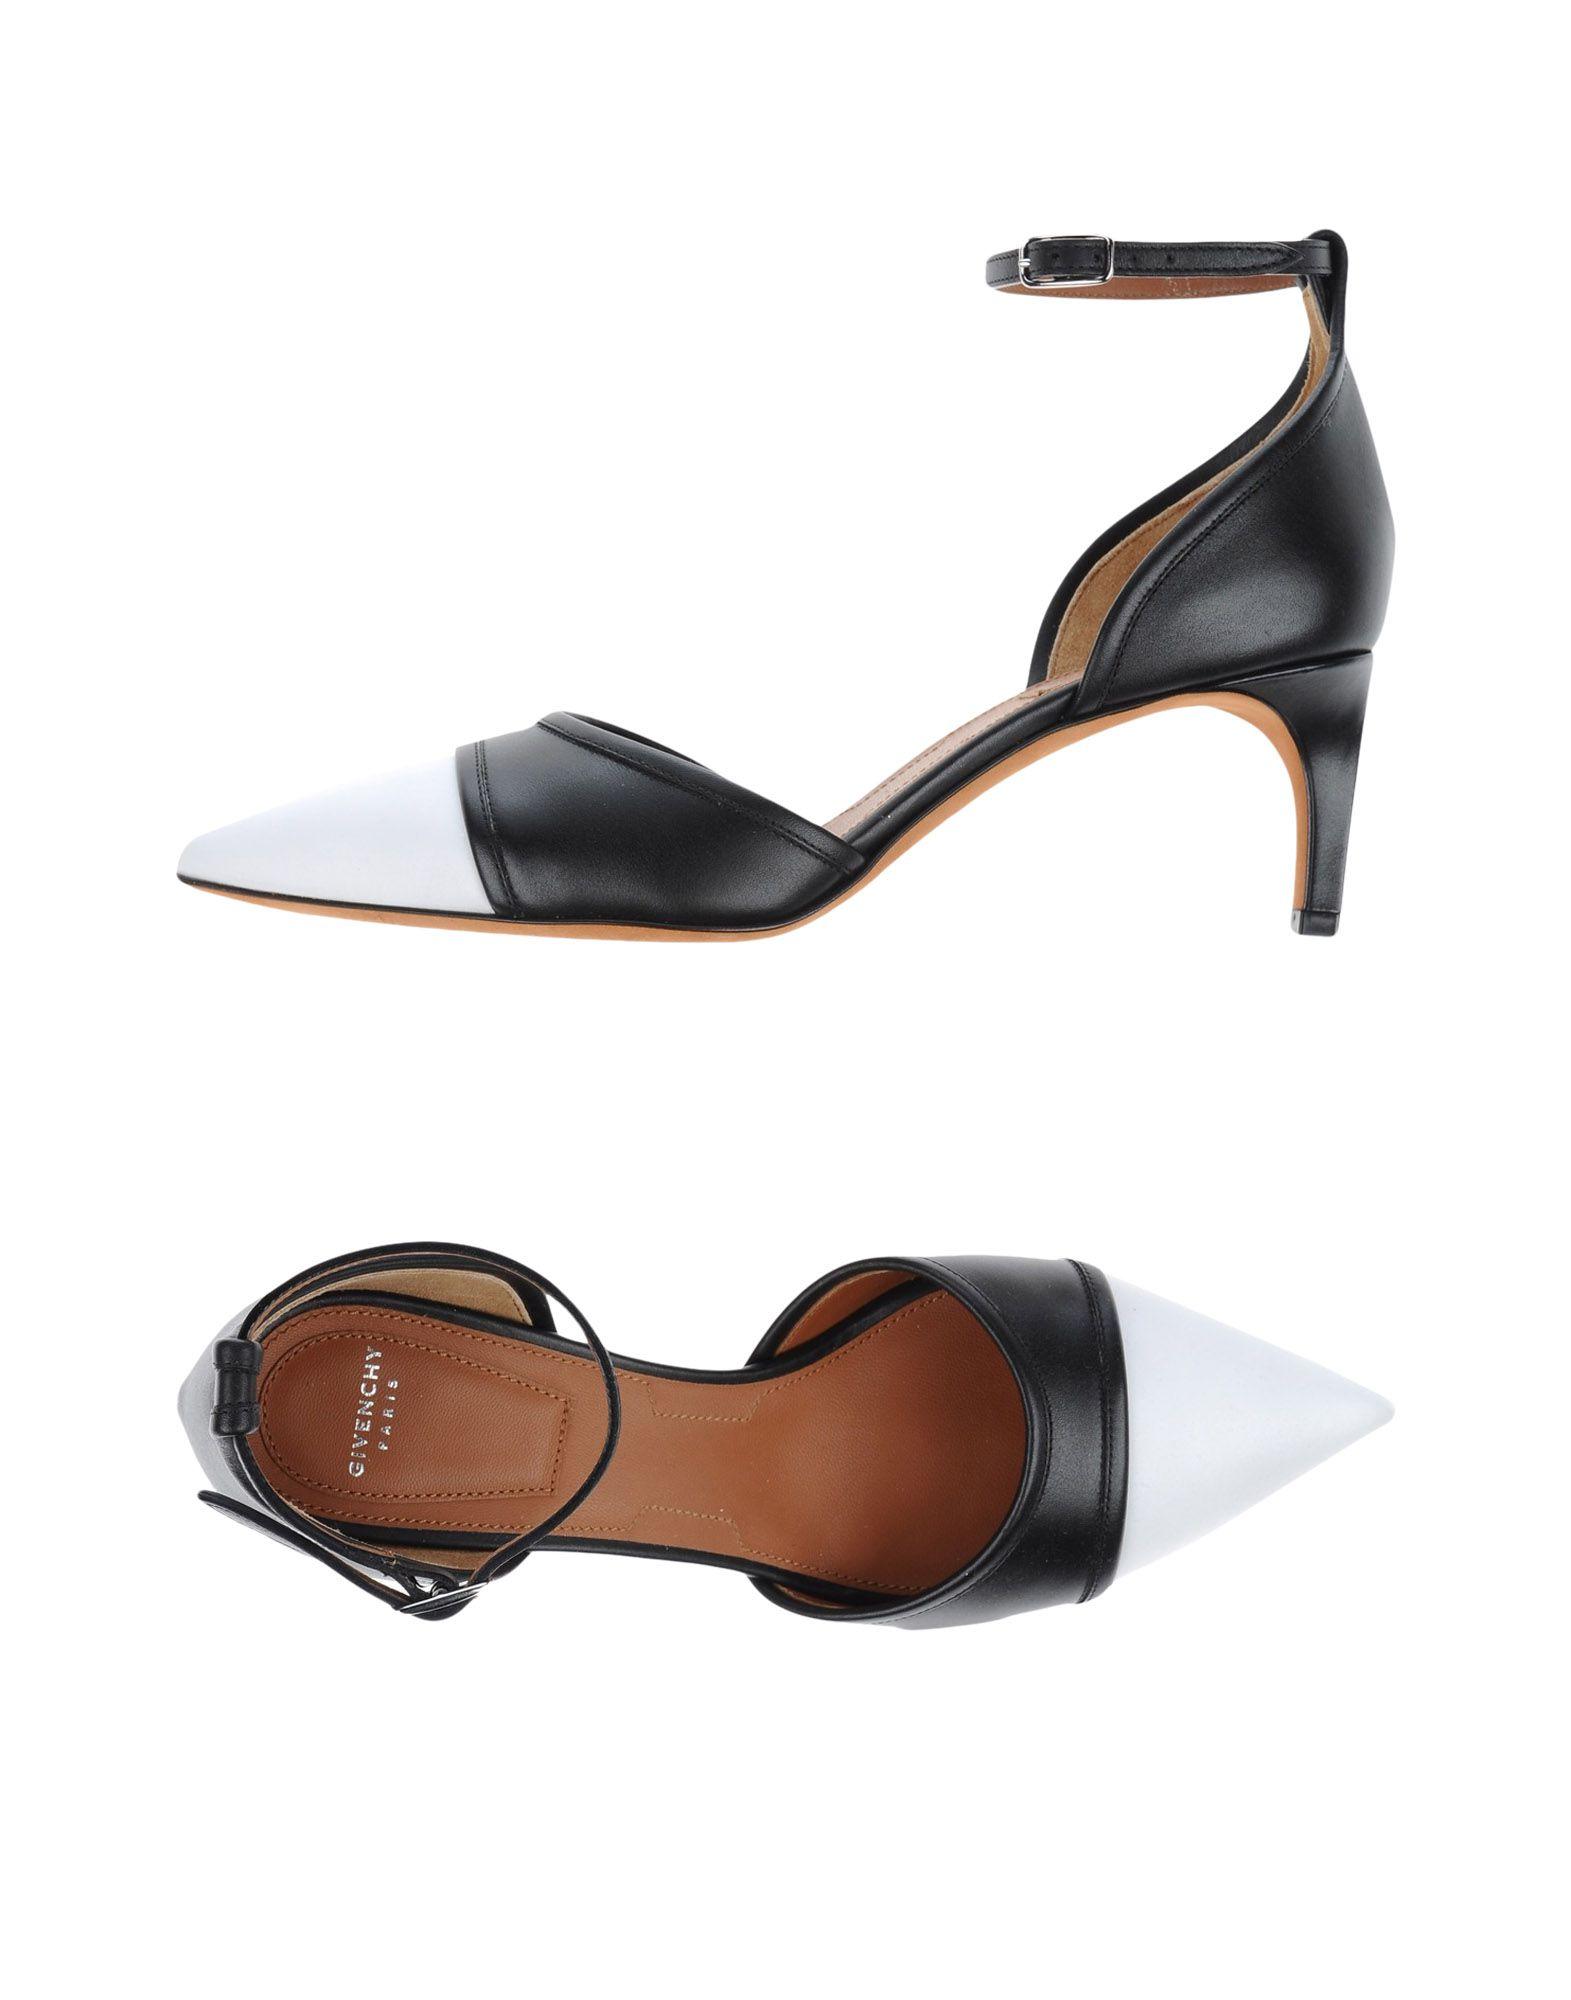 Sneakers O.X.S. Donna - 11533718KN Scarpe economiche e buone